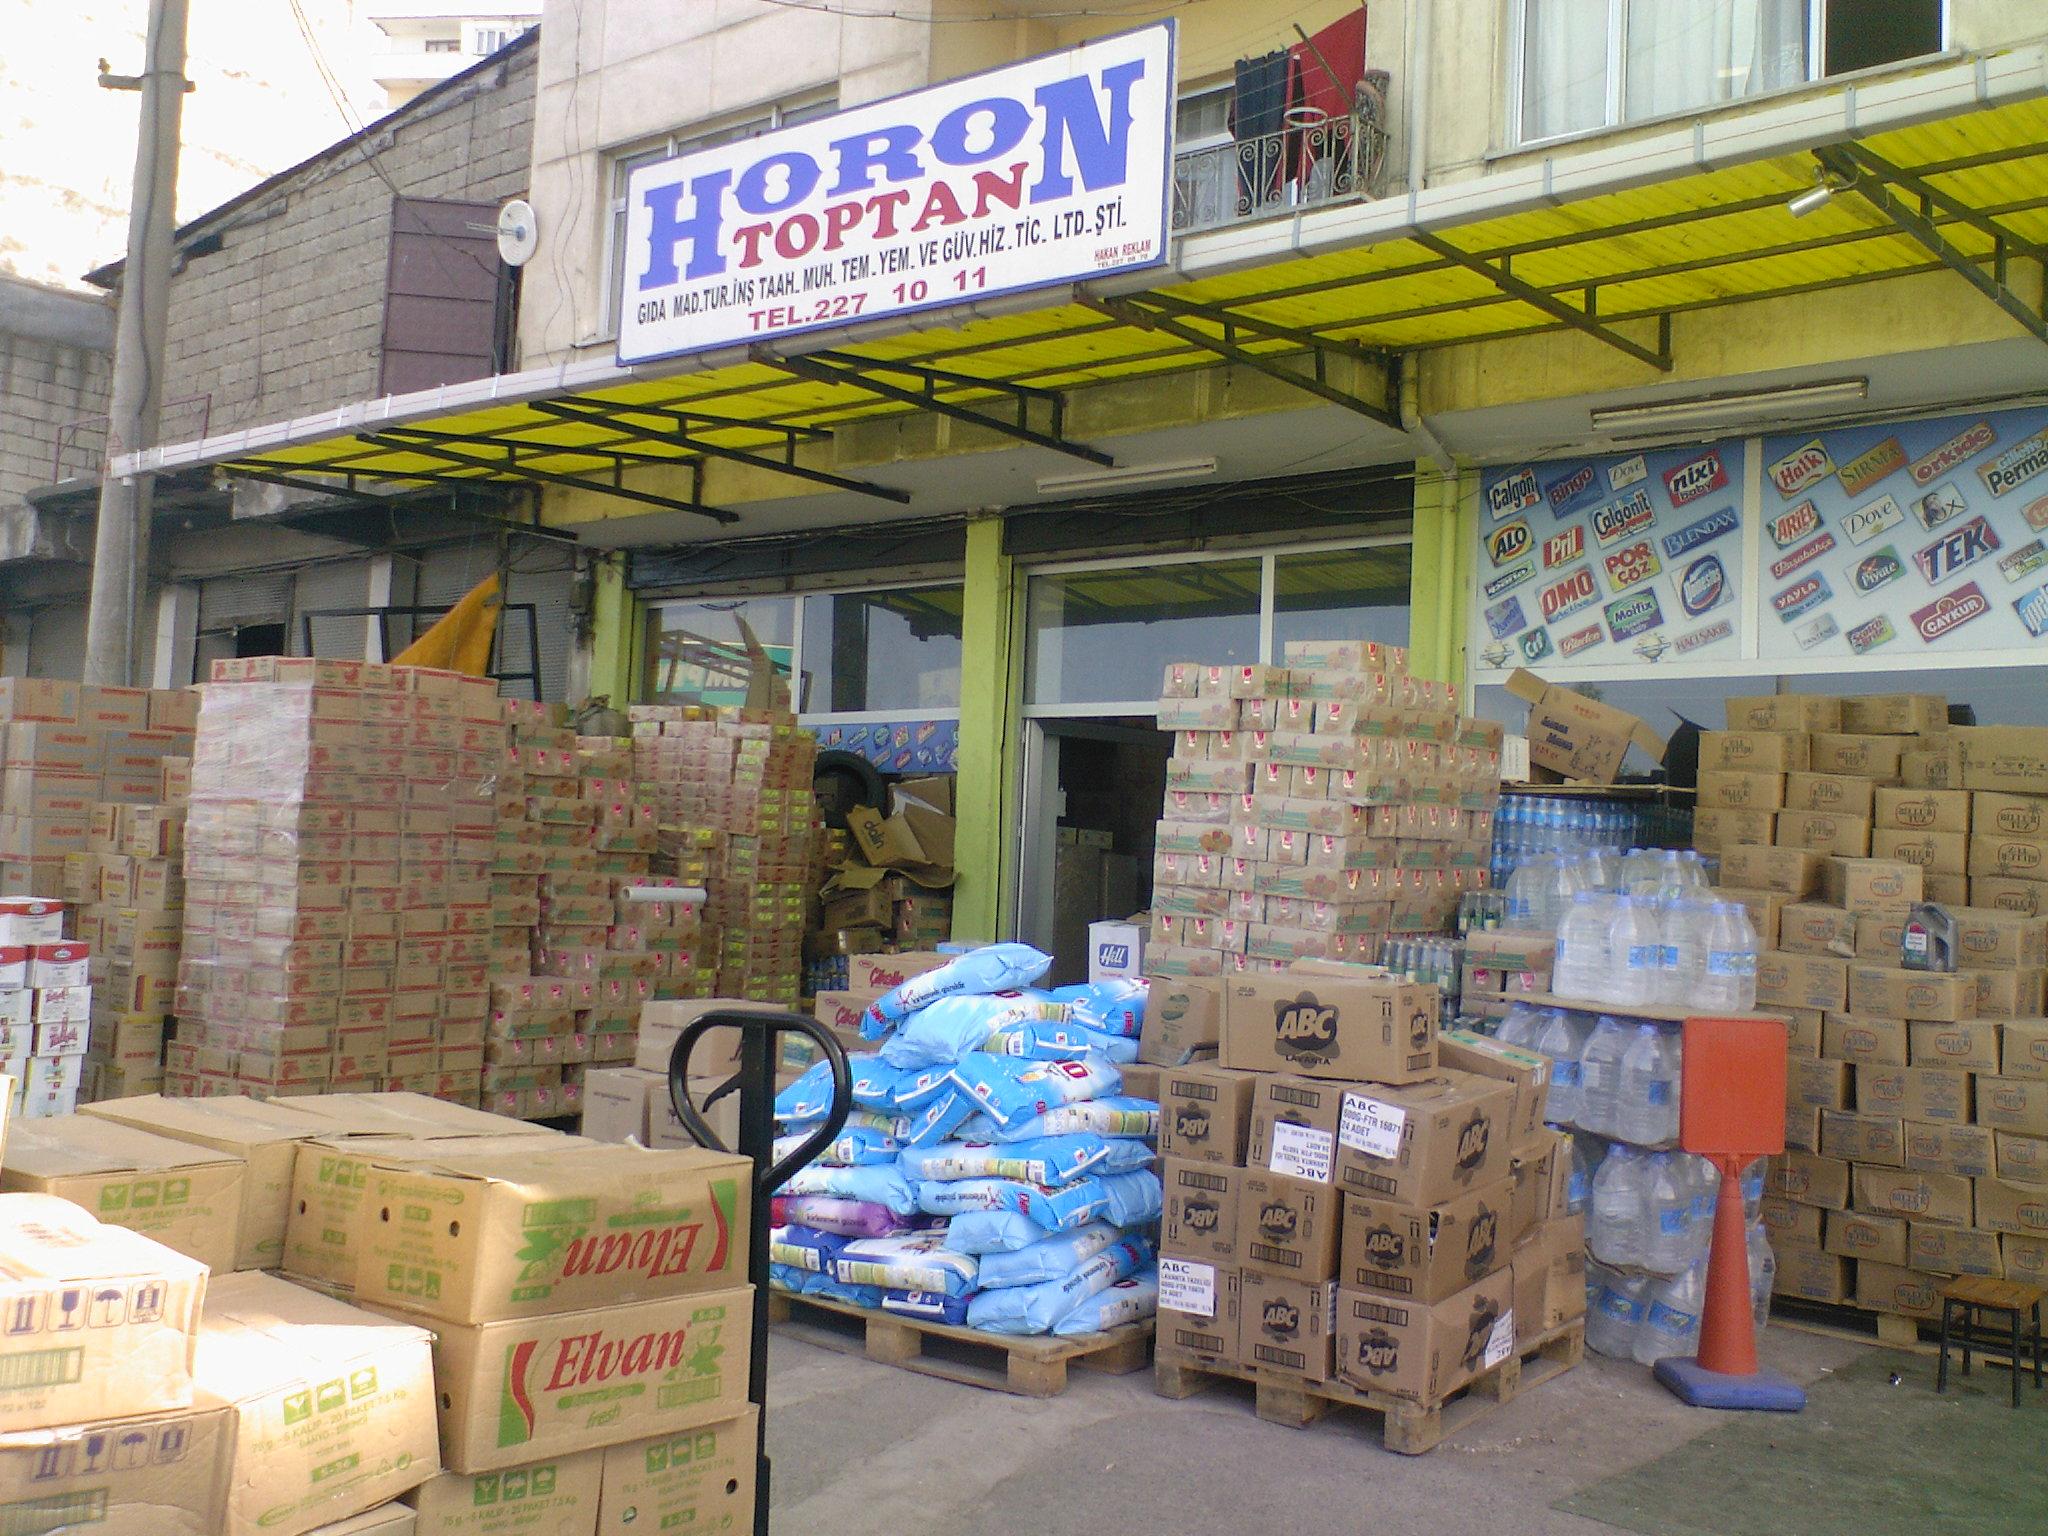 HORON TOPTAN